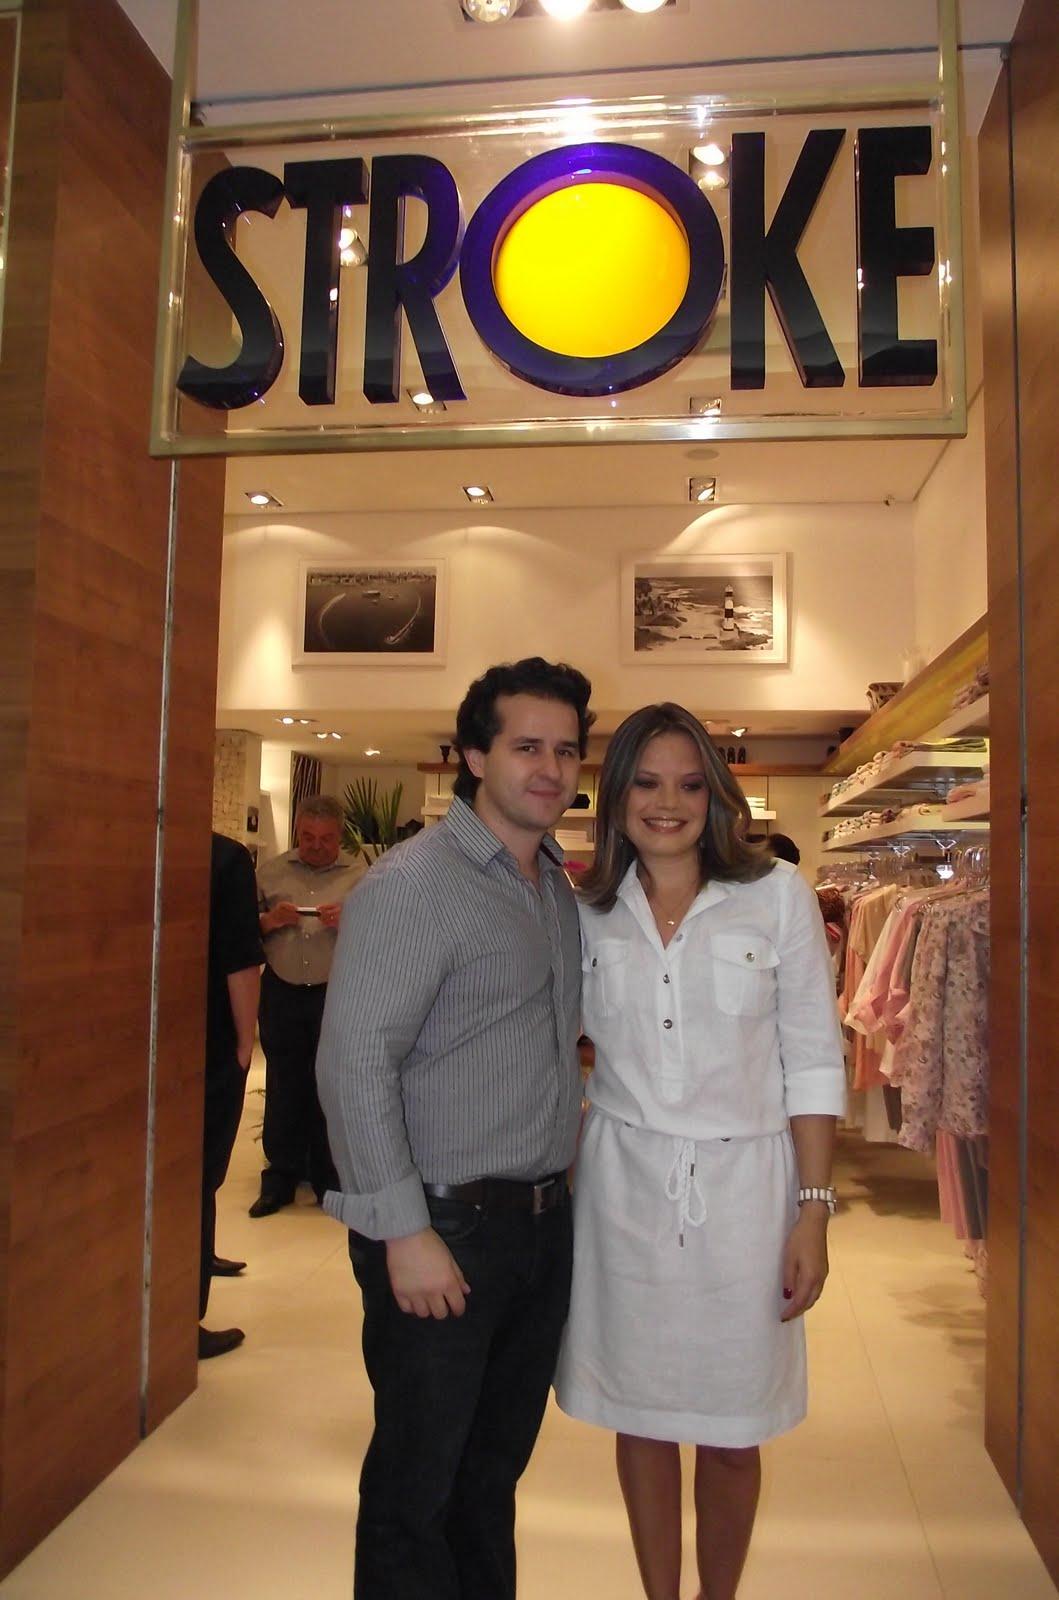 b0a03836e Stroke inaugura loja no Shopping Iguatemi BA com direito a mini desfile  comandado por Tininha Viana